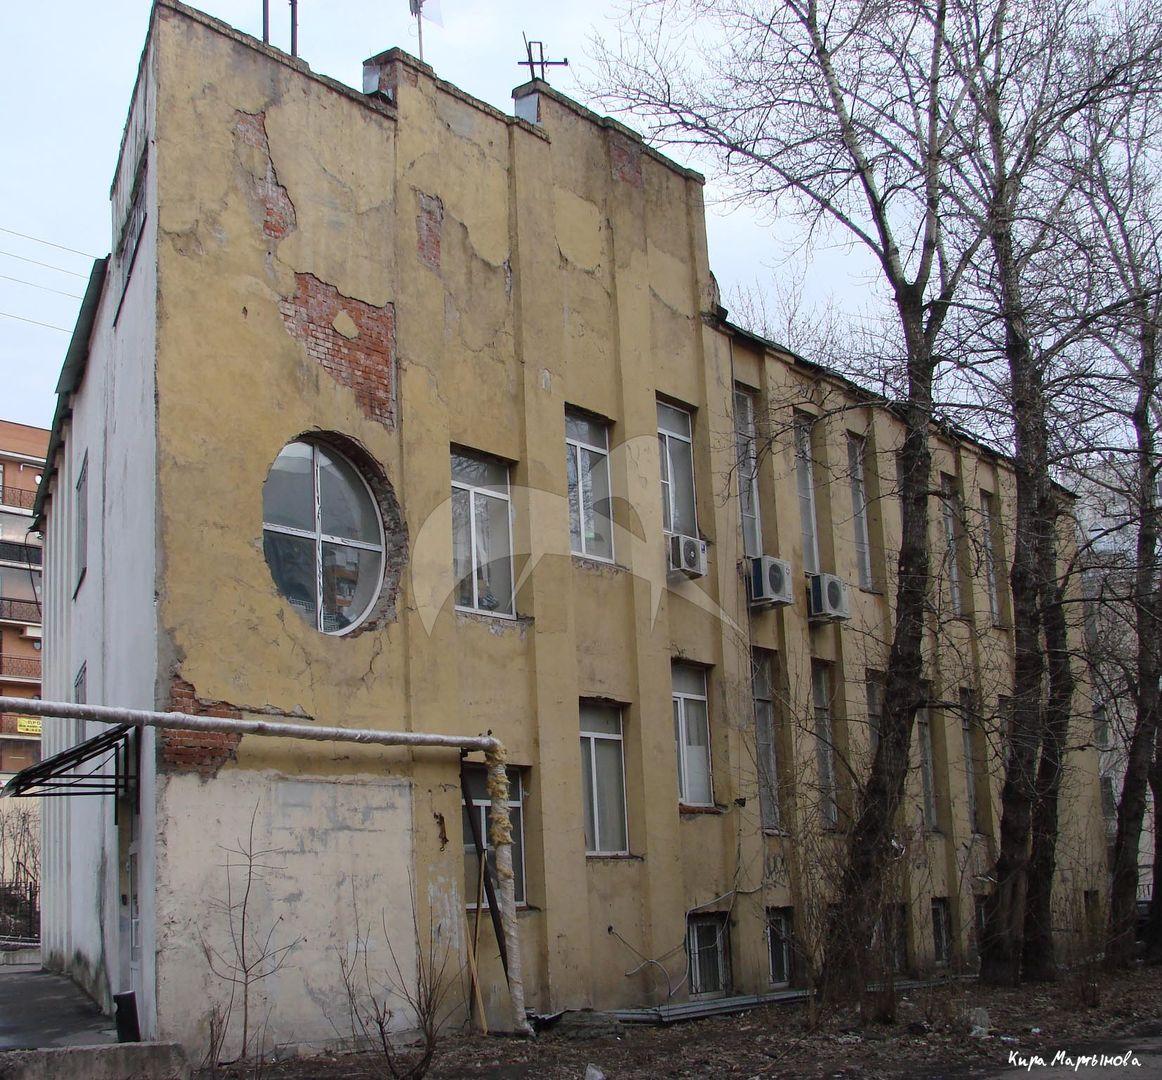 Здание бывшей конторы «Новосухаревского рынка», 1927-29 гг., арх. К.С. Мельников